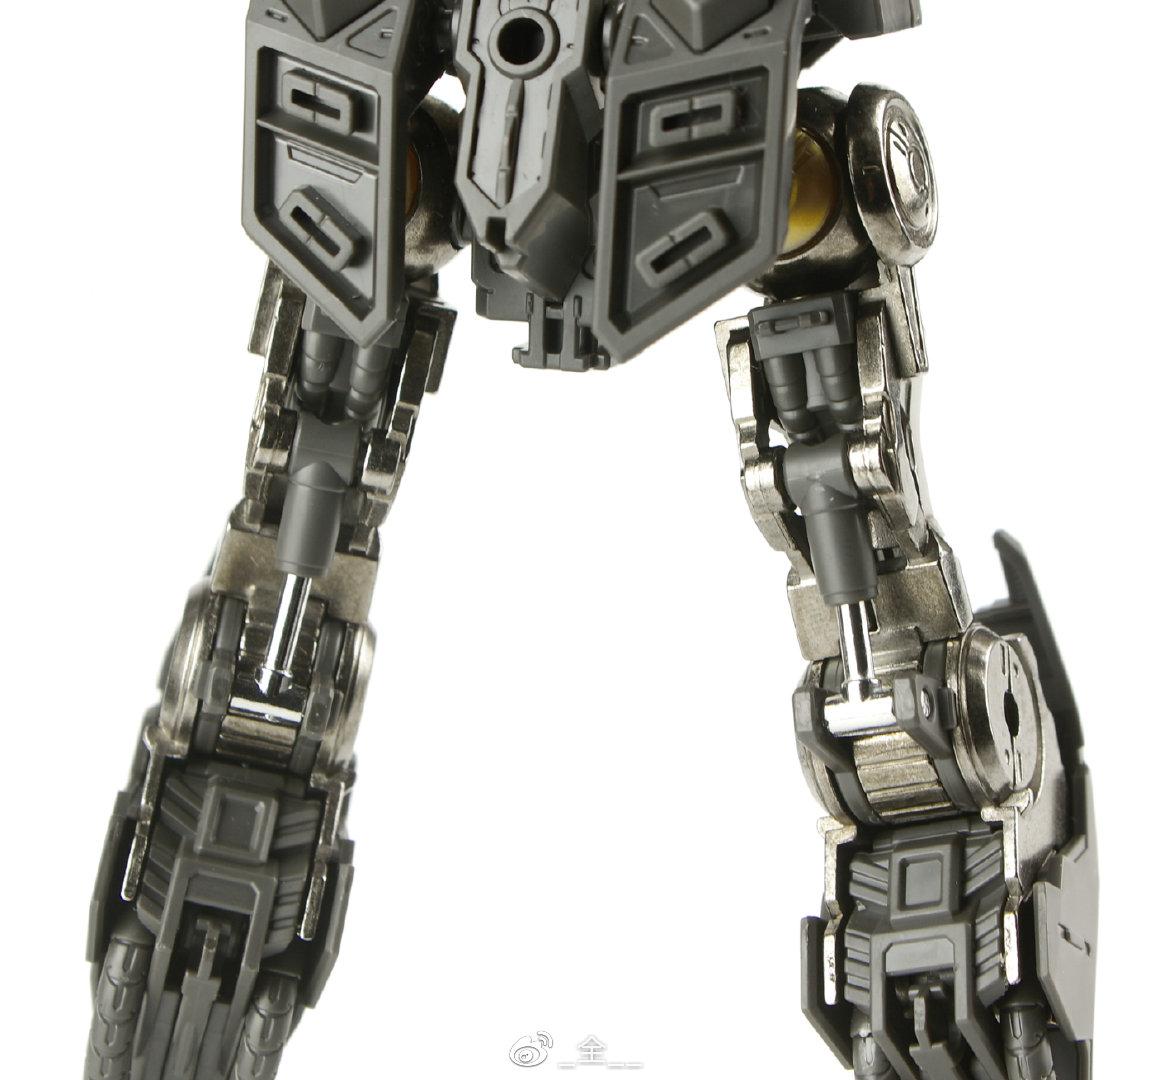 M103_mg_barbatos_metal_frame_parts_set_009_034.jpg